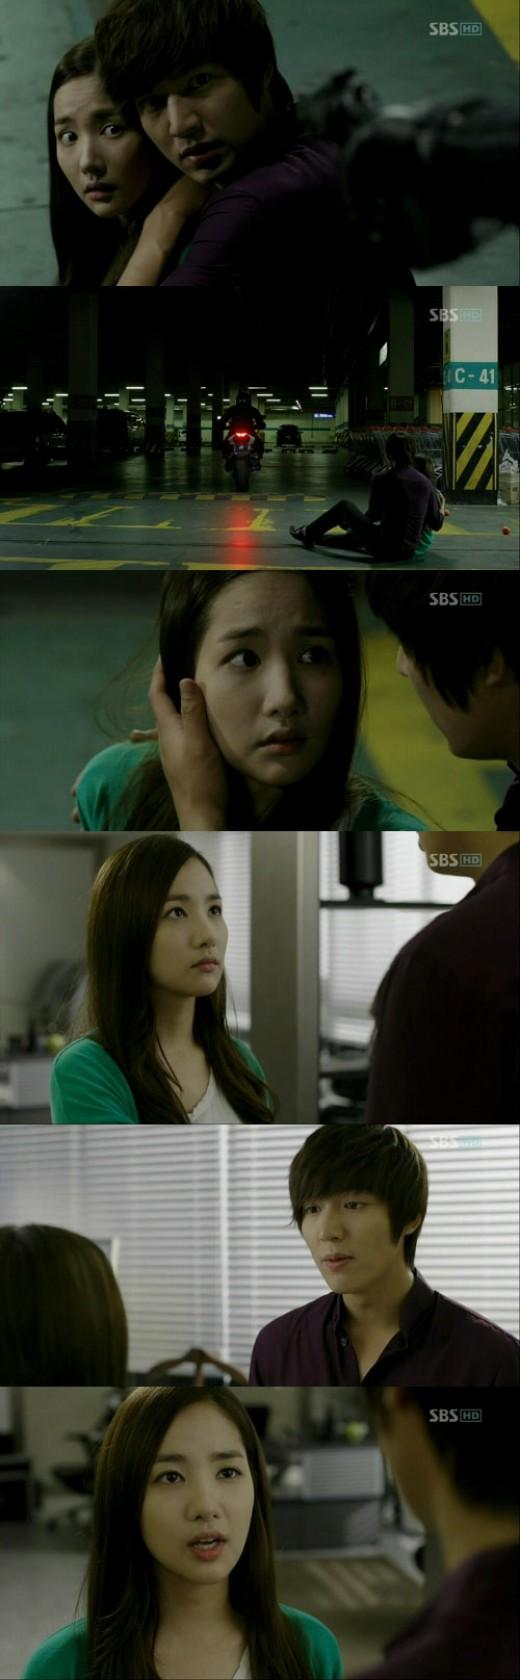 """""""Sitiheonteo 'bakminyoung"""" I got you """"amor duro."""